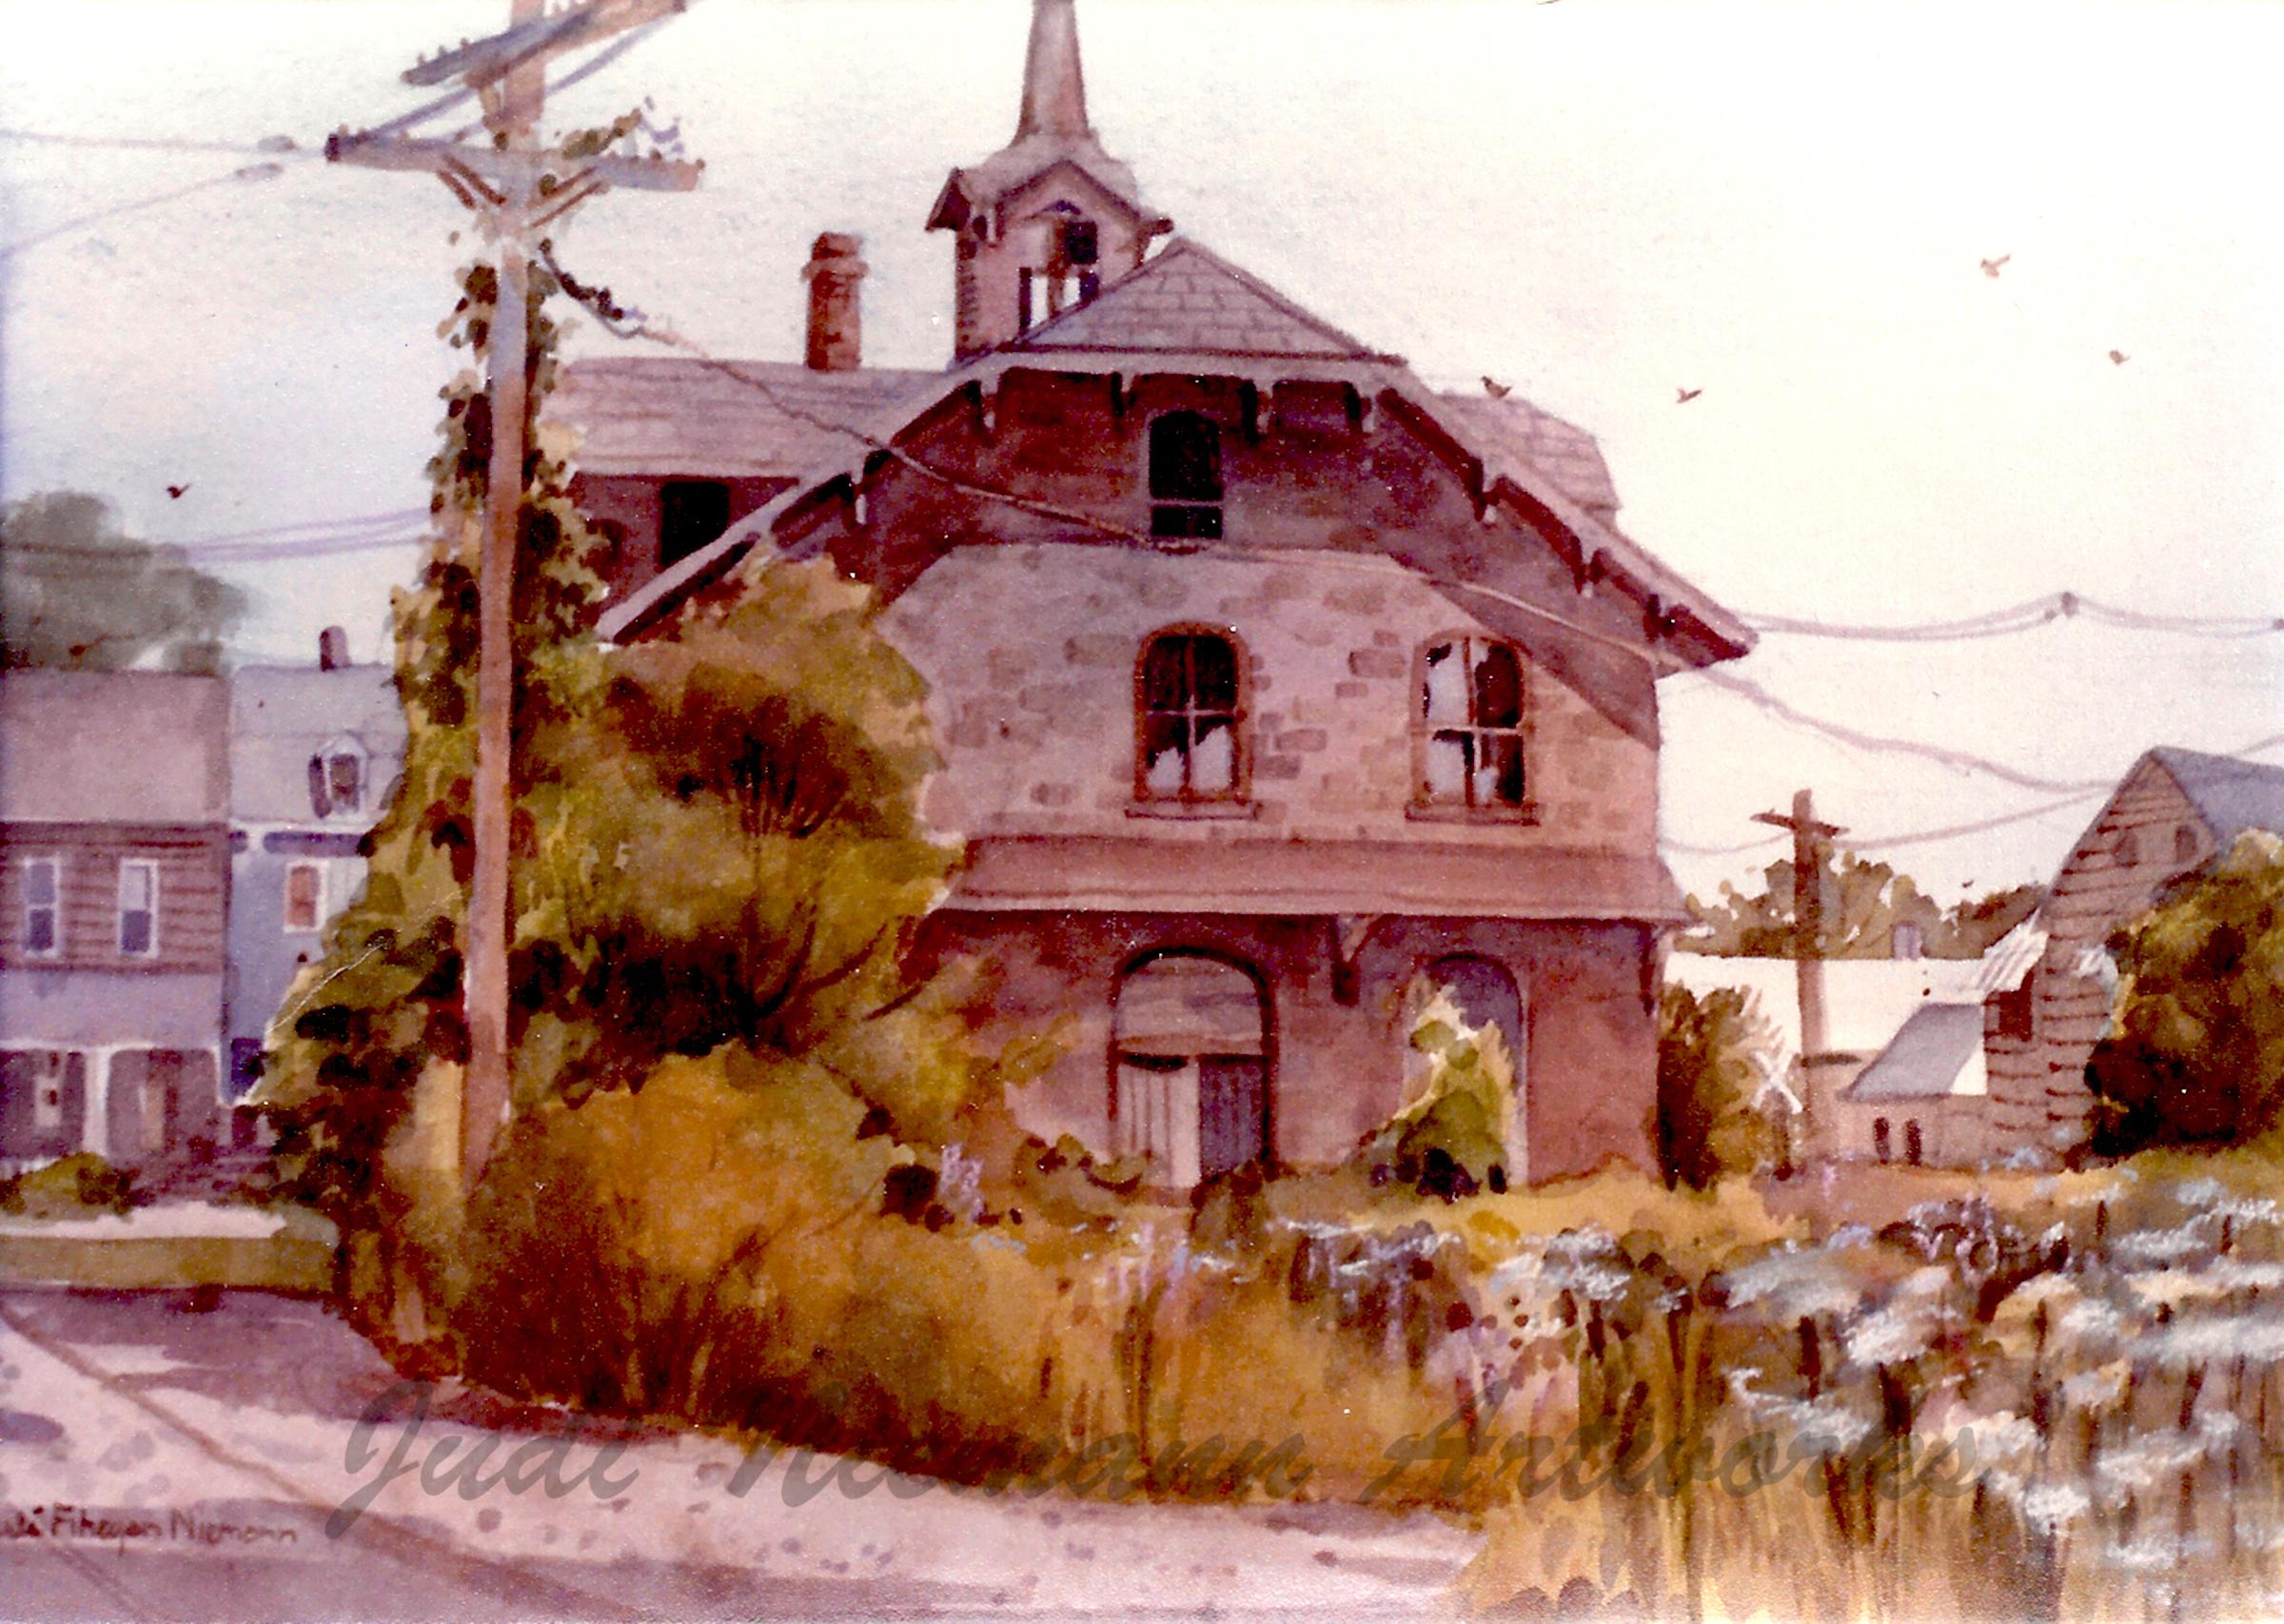 Train Station, Lambertville, NJ